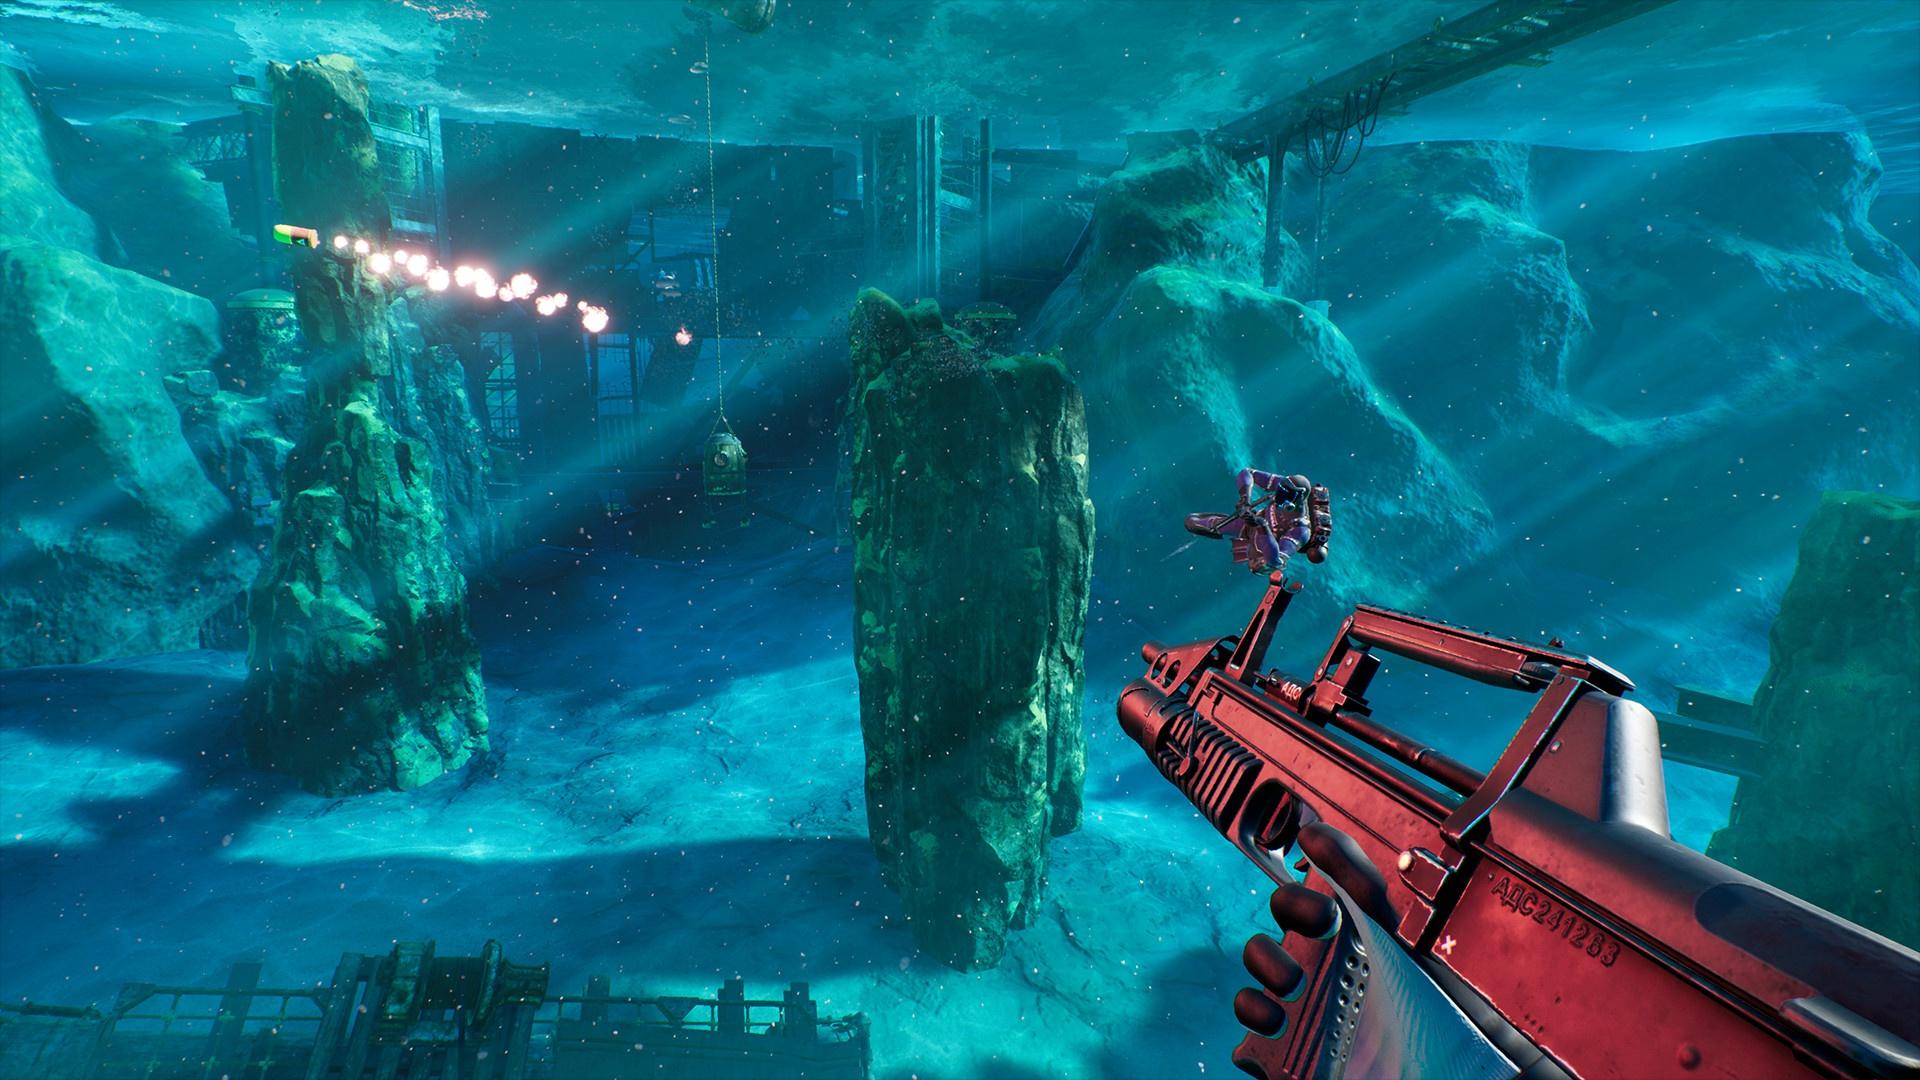 发售日期:8月28日 《潮汐之王》是一款可由100名潜水玩家参与的深海